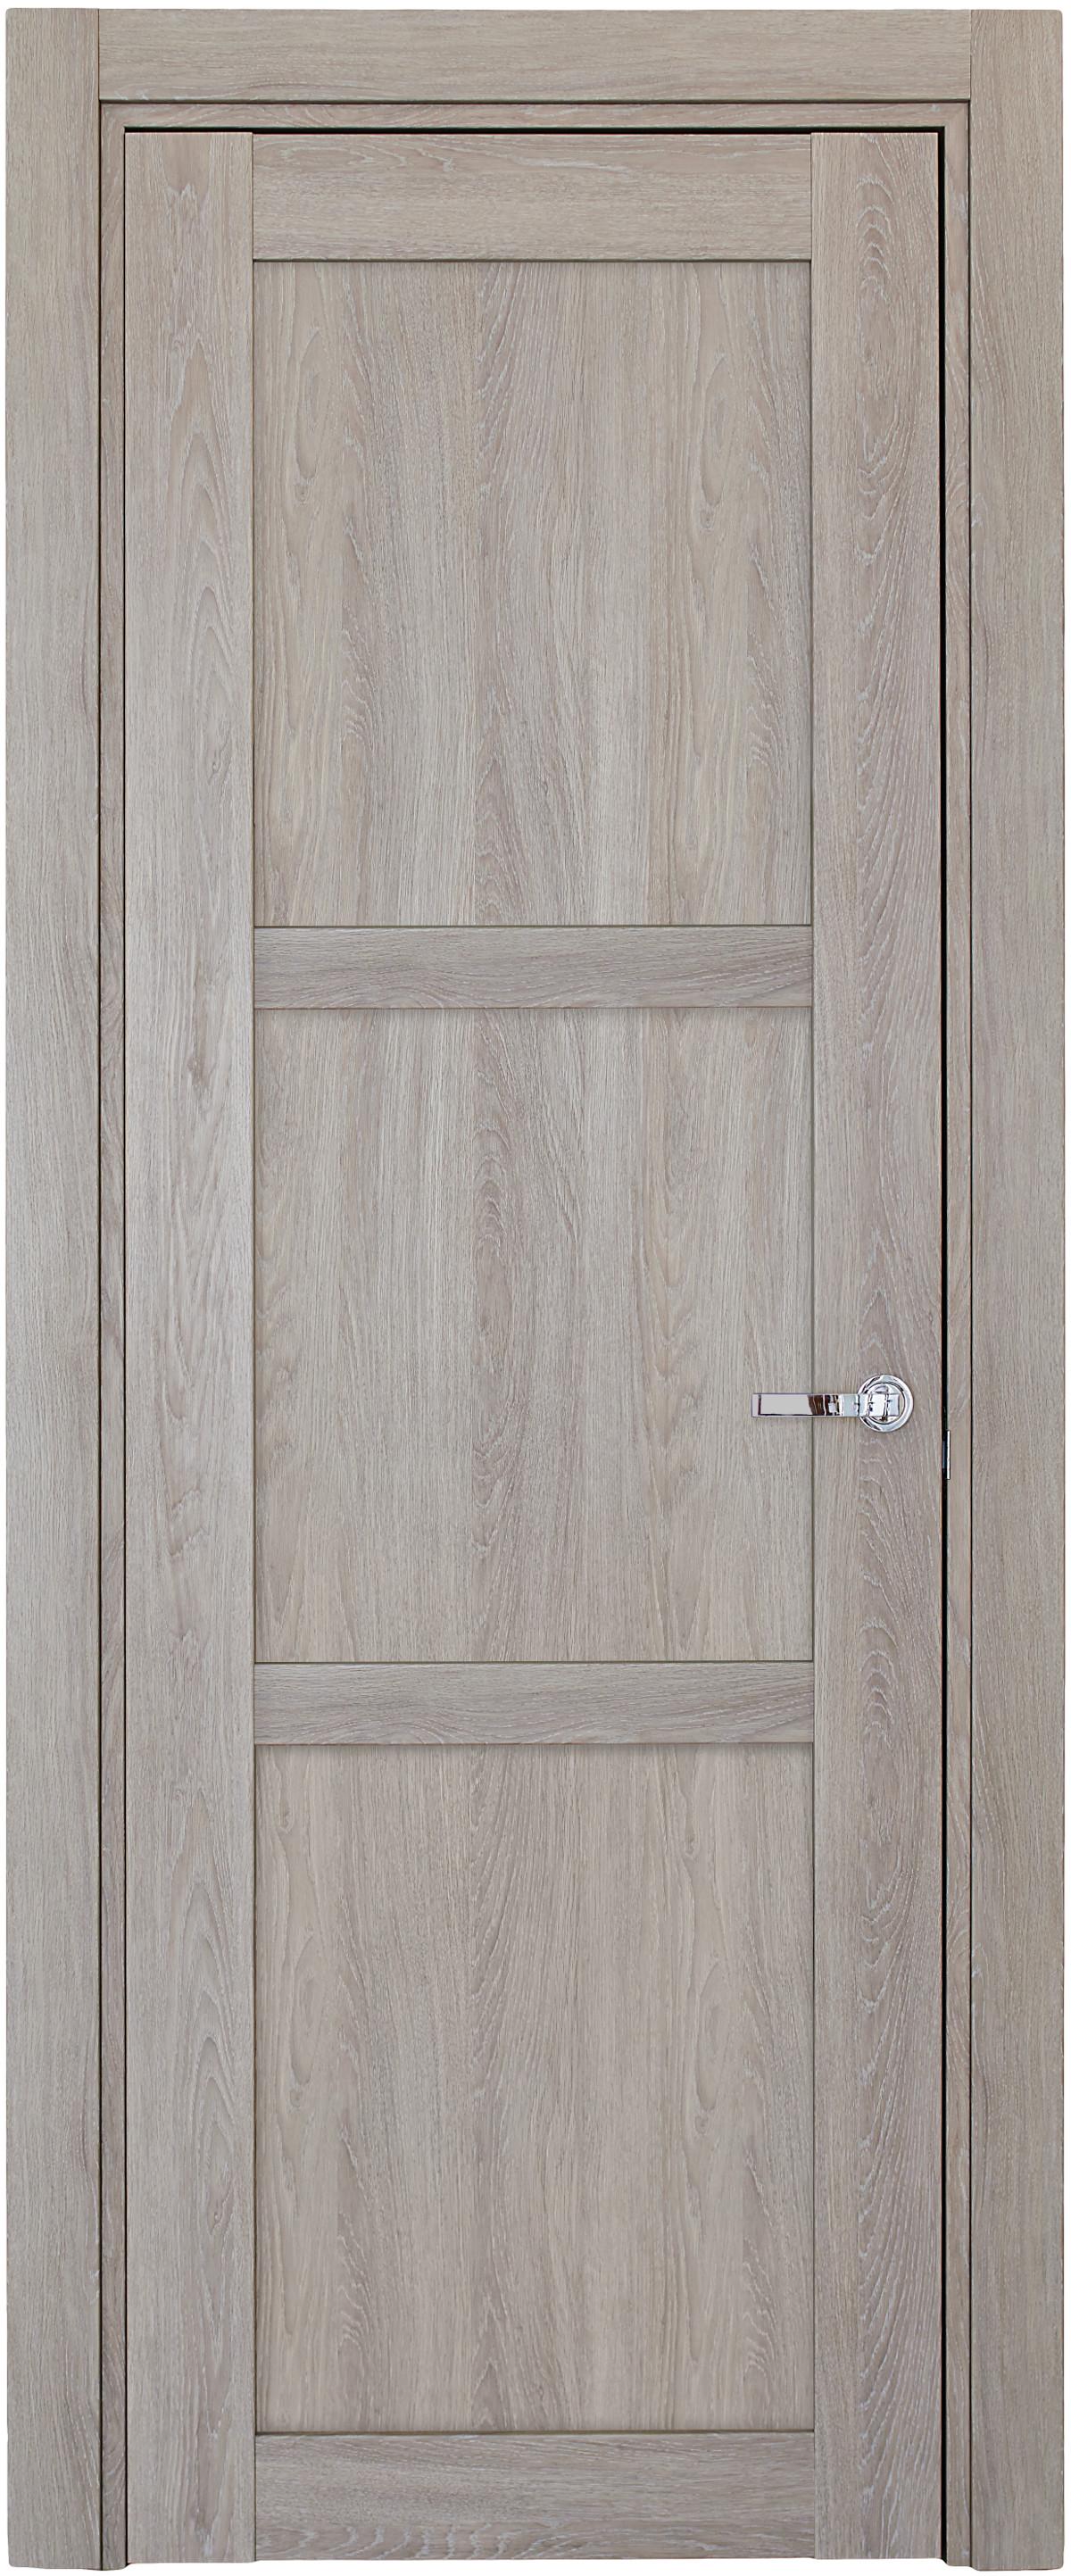 door39